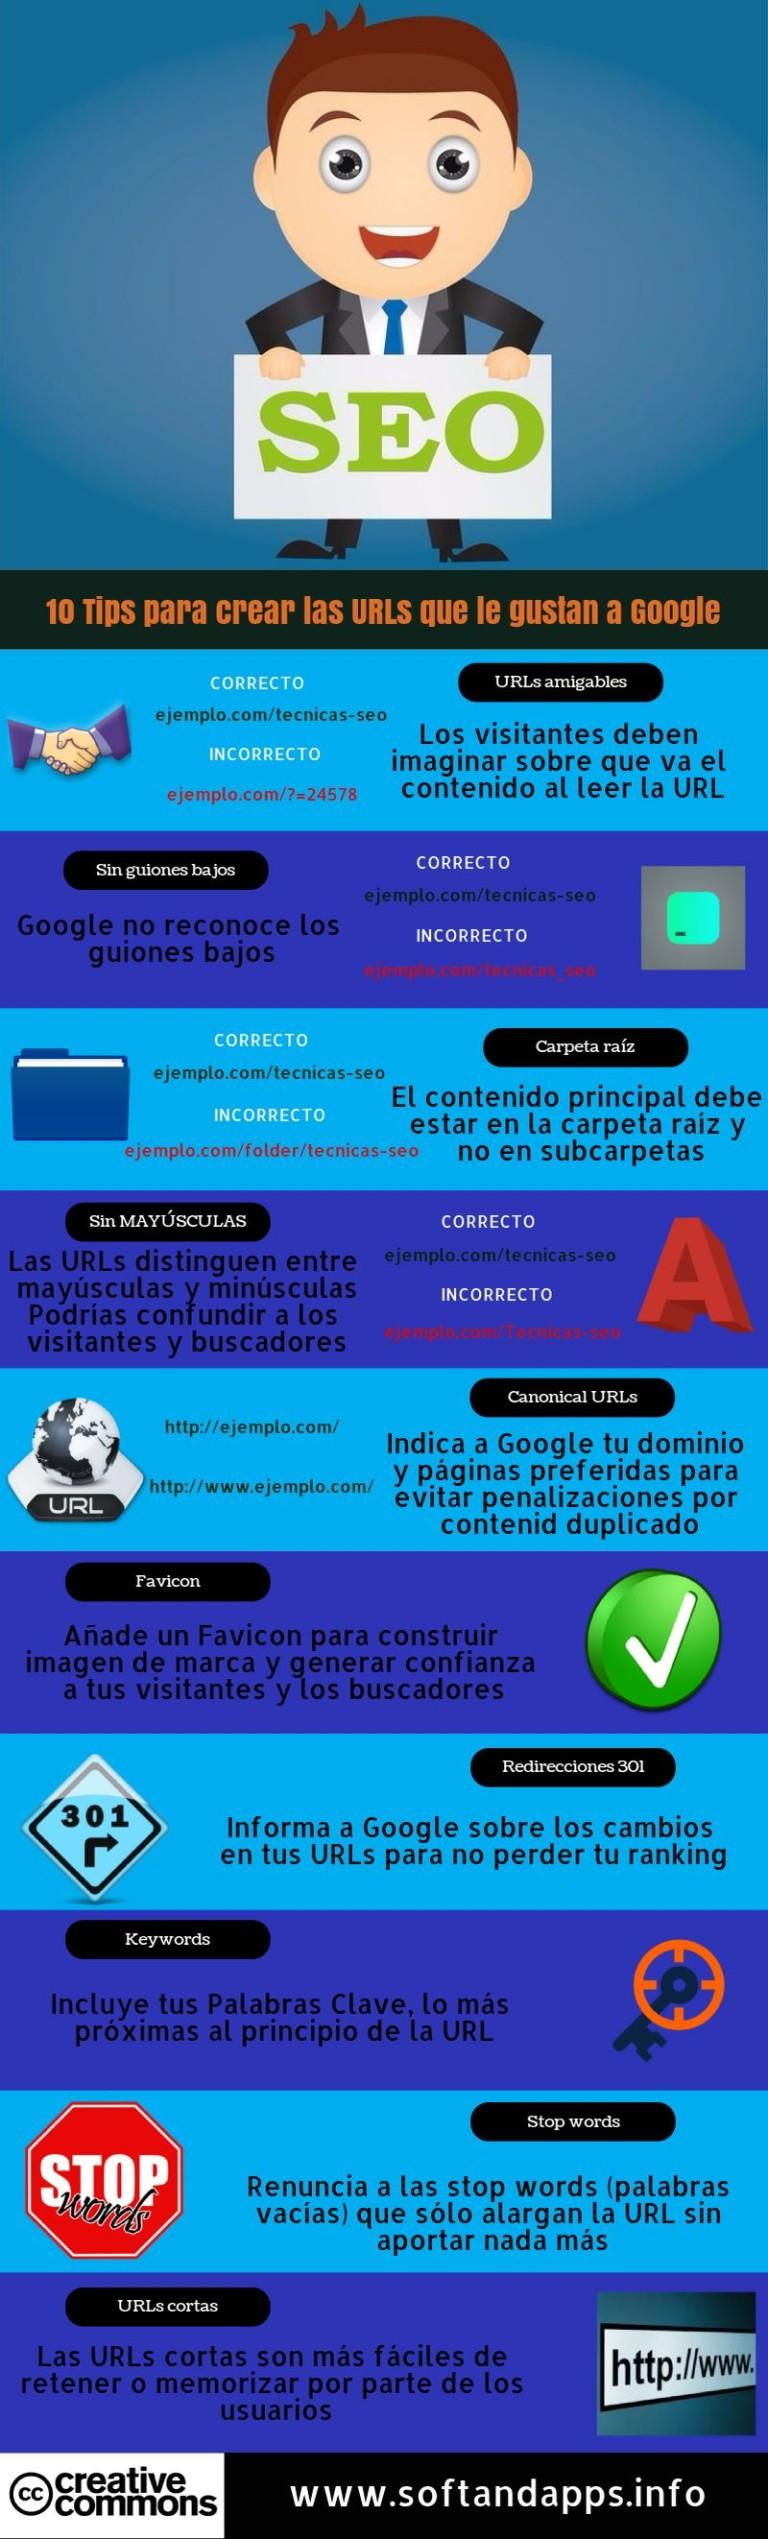 10 consejos para crear una URL que le guste a Google